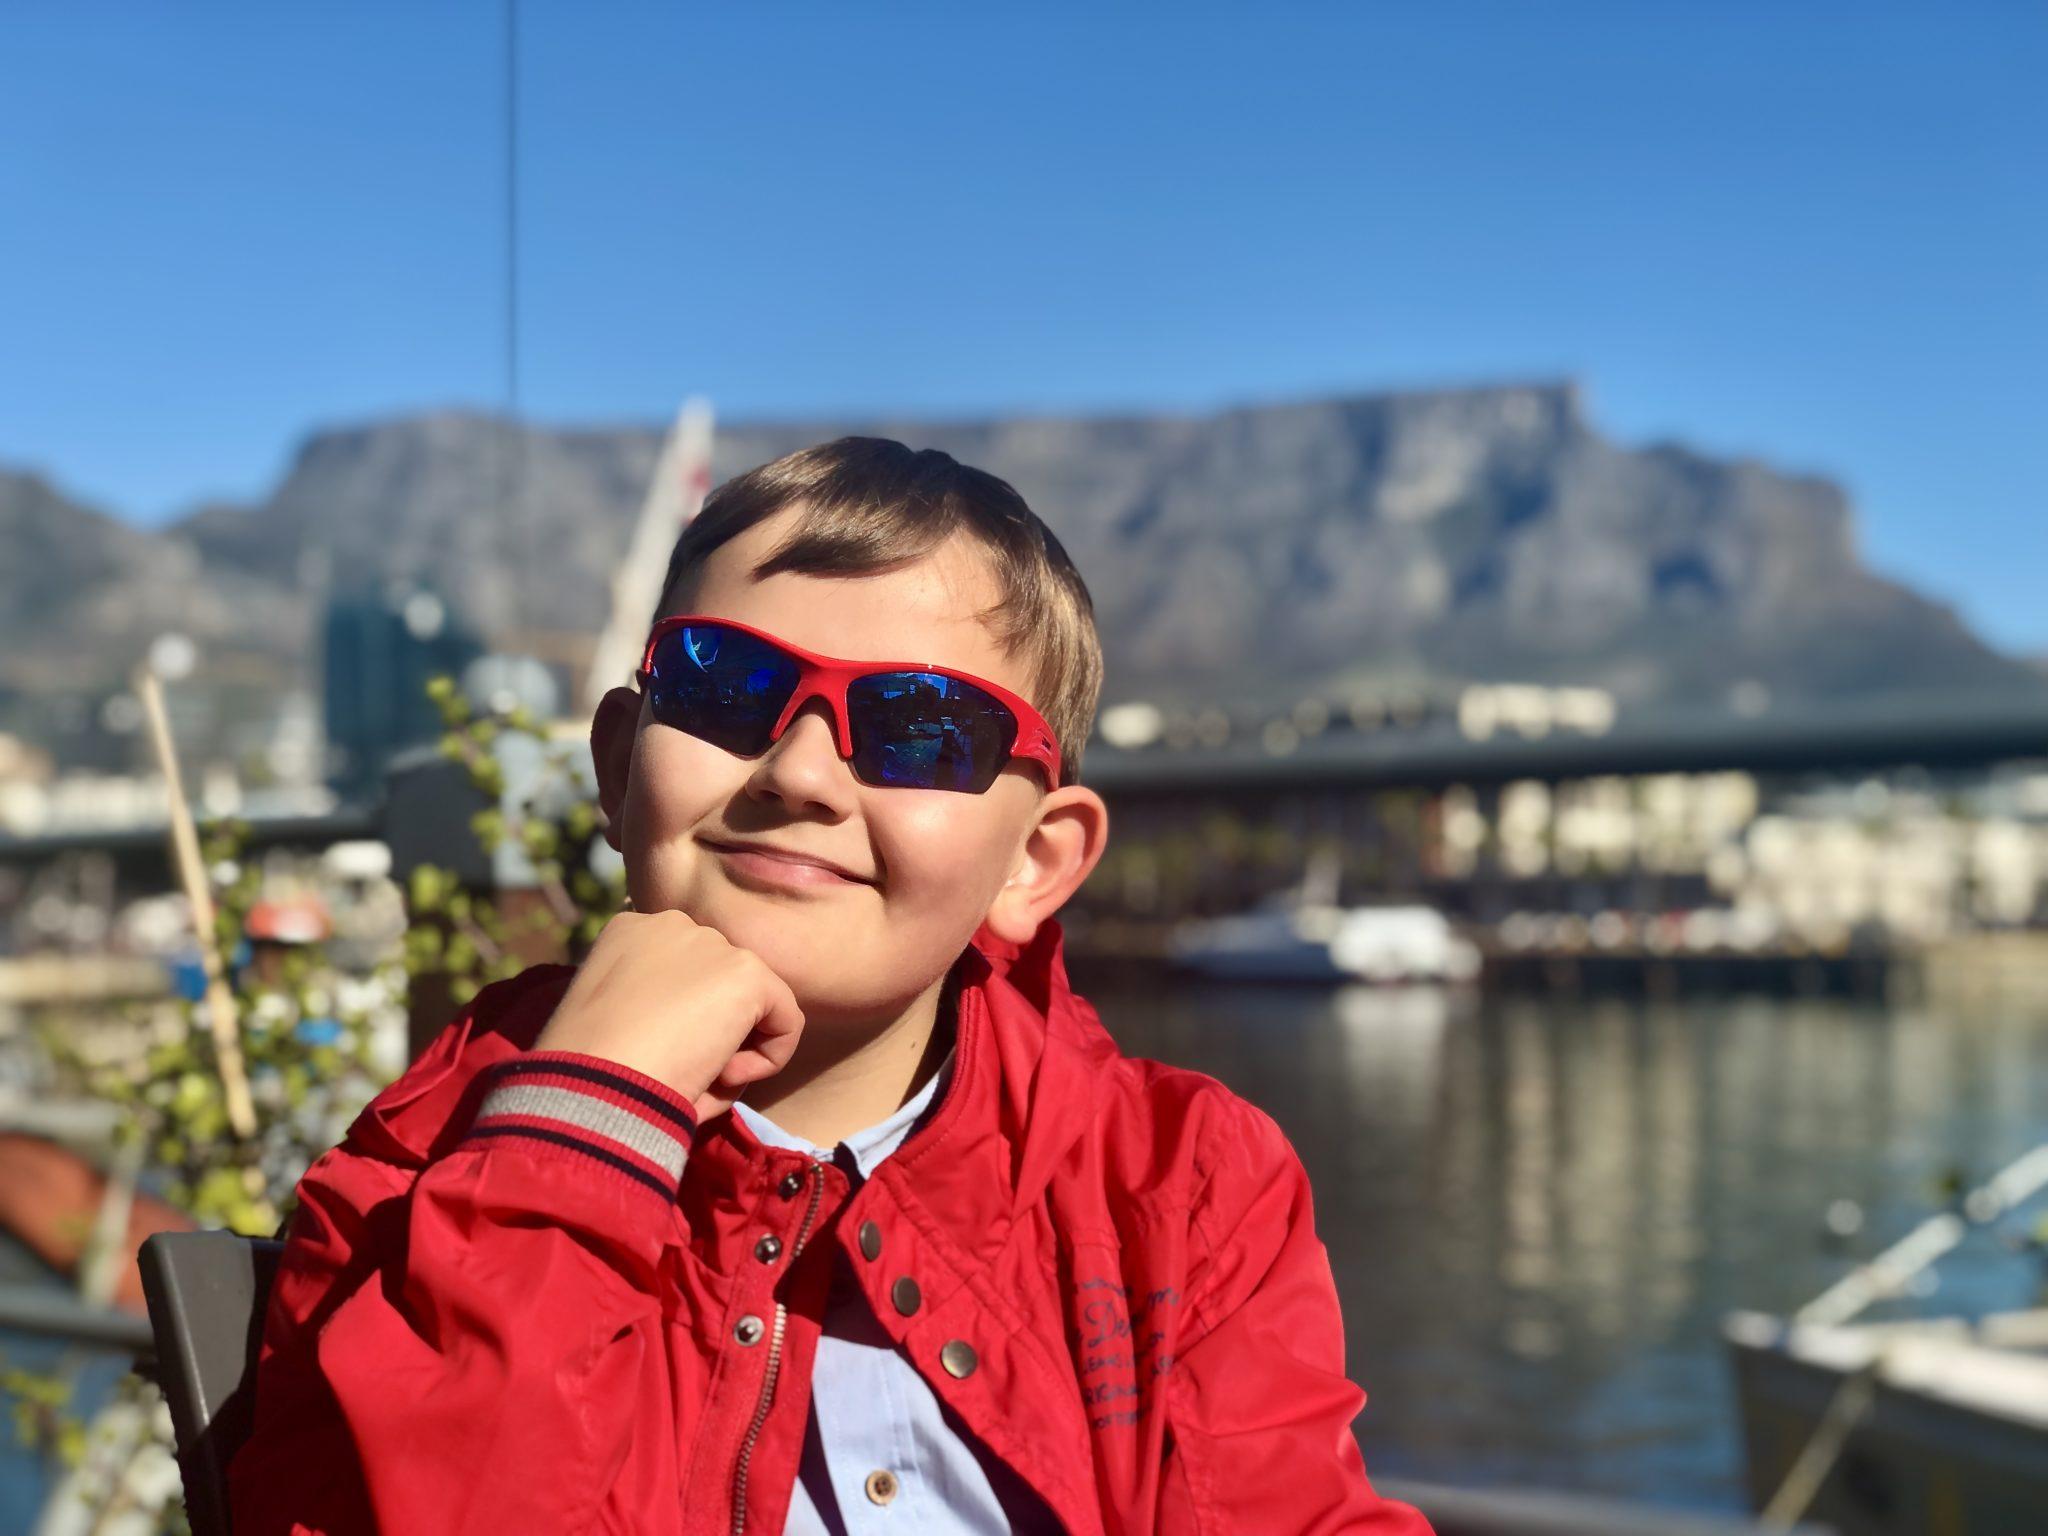 Glück gehabt: Den Tafelberg habe ich bei besten Wetterverhältnissen erlebt!